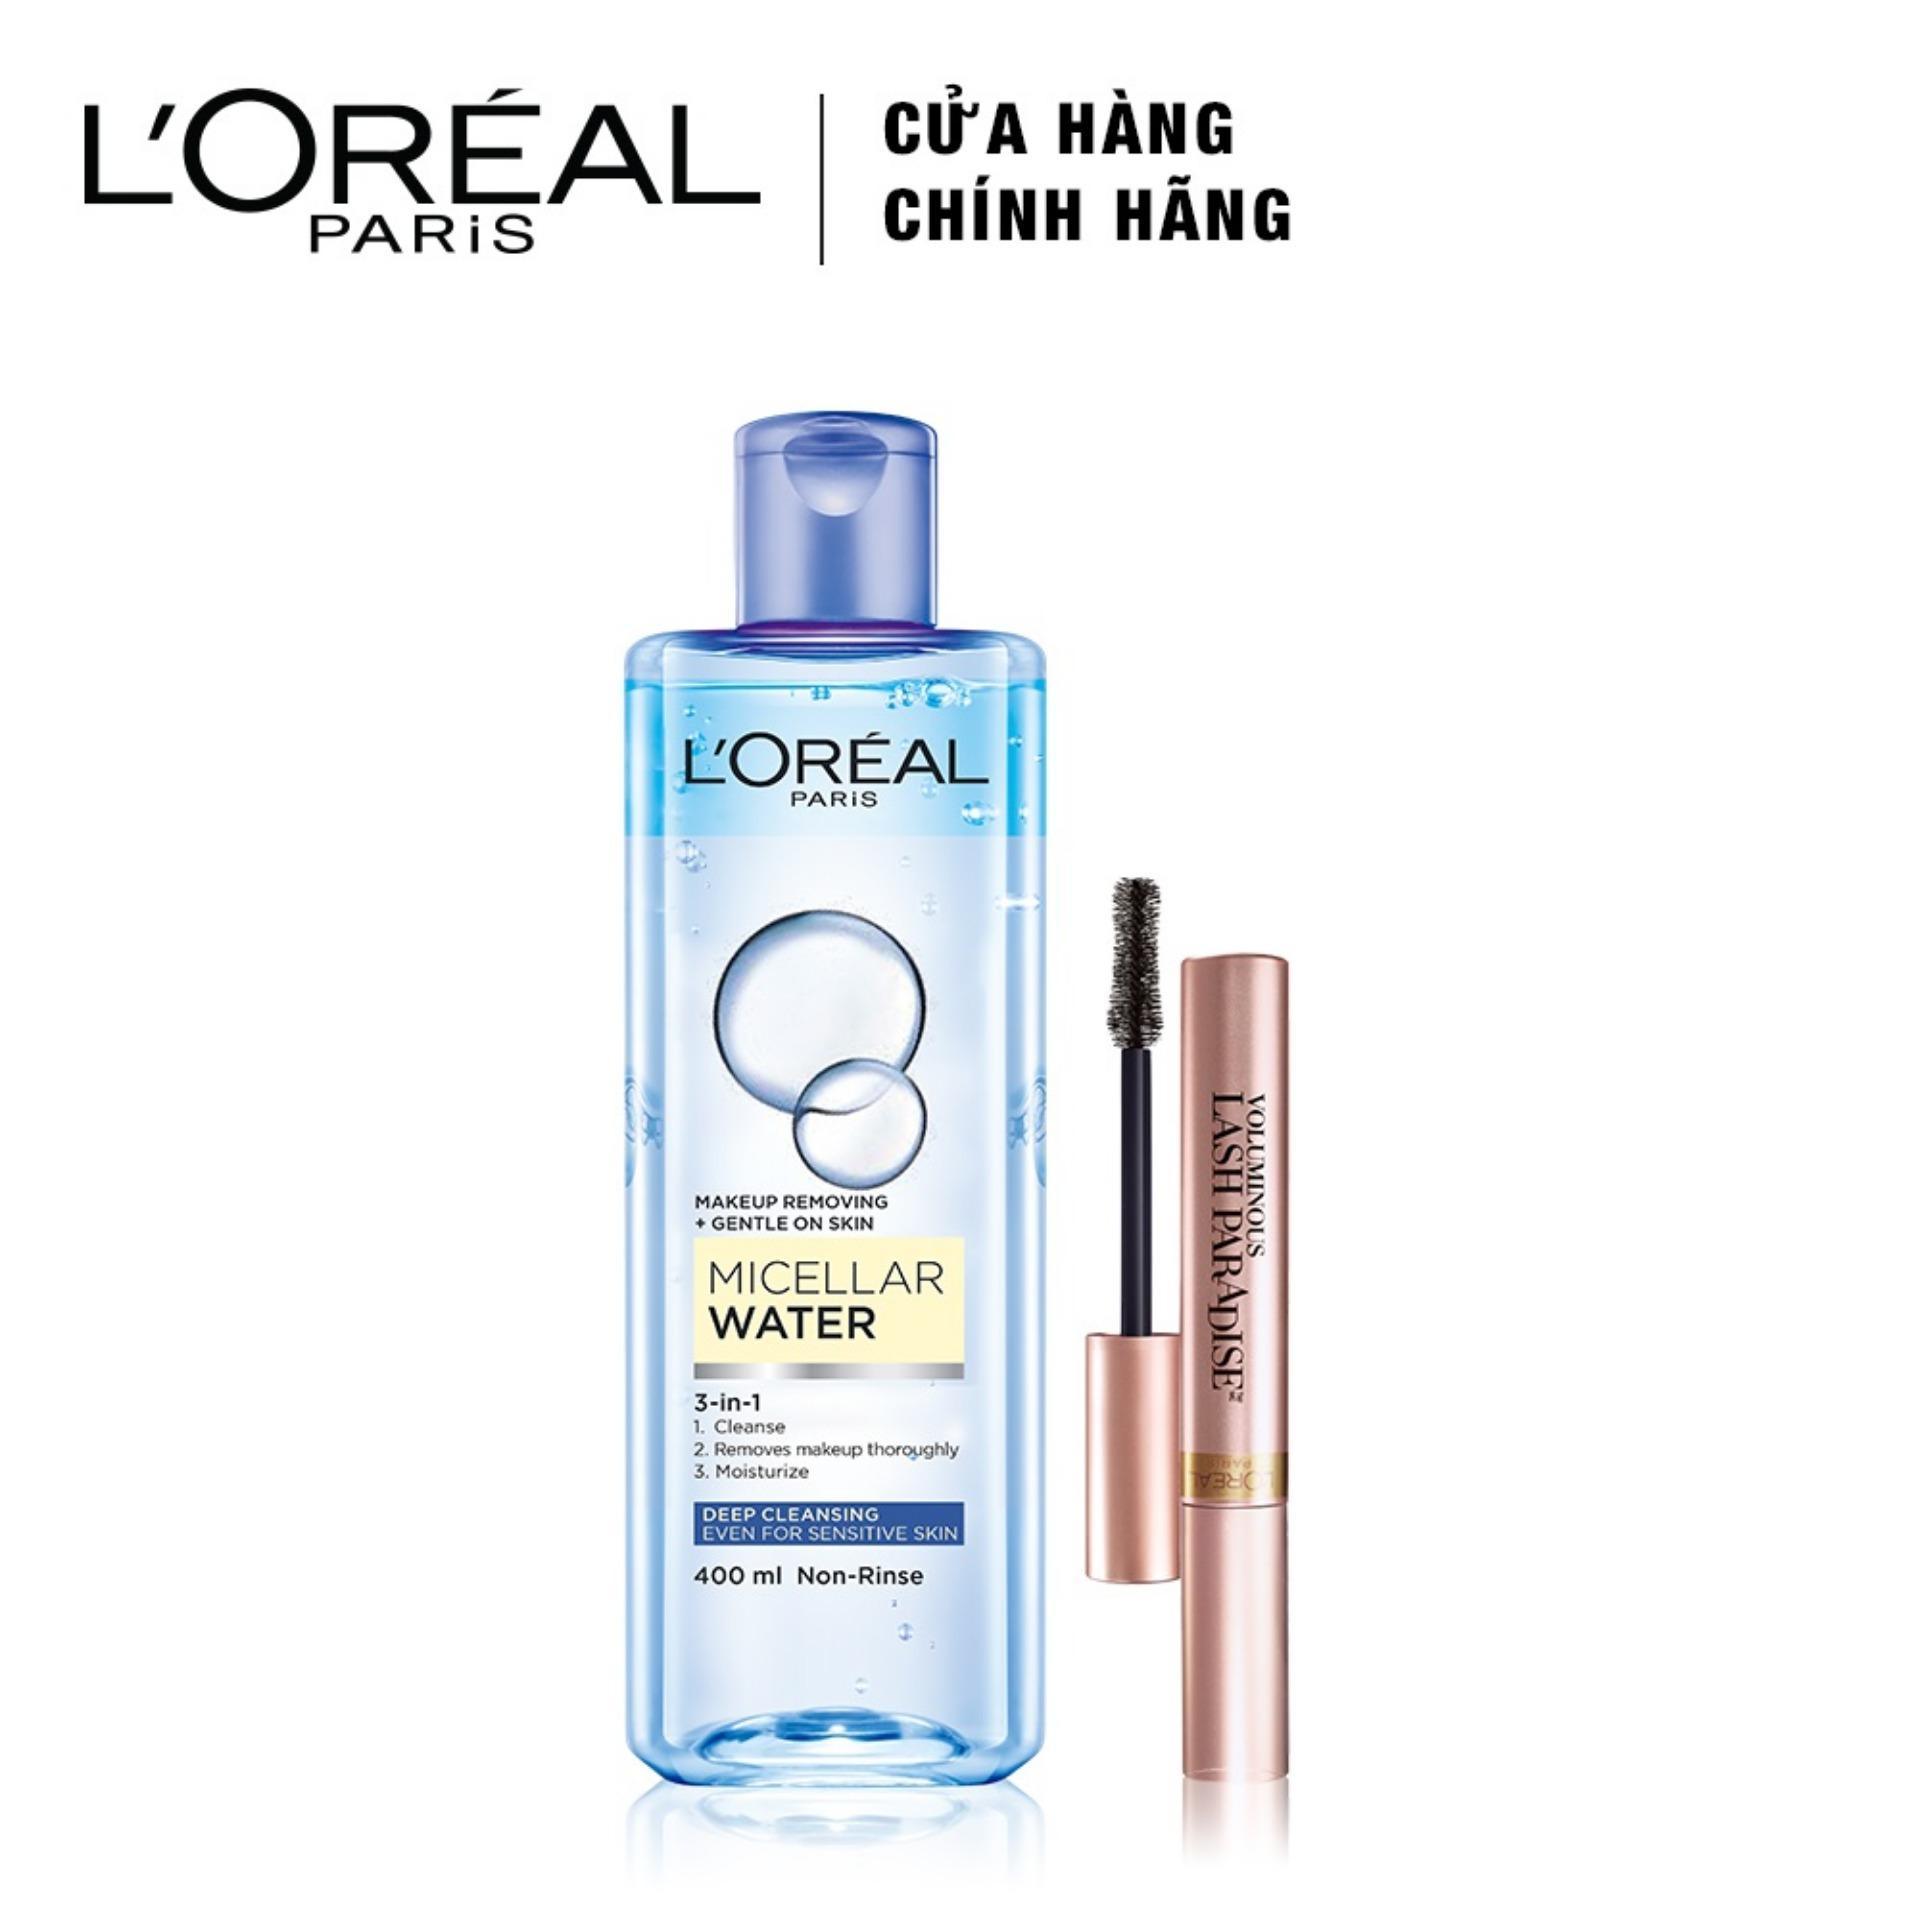 Bộ 2 sản phẩm mascara dày và dài mi LOreal Paris Lash paradise + Nước tẩy trang LOreal Paris Micellar Water Biphase làm sạch sâu tốt nhất